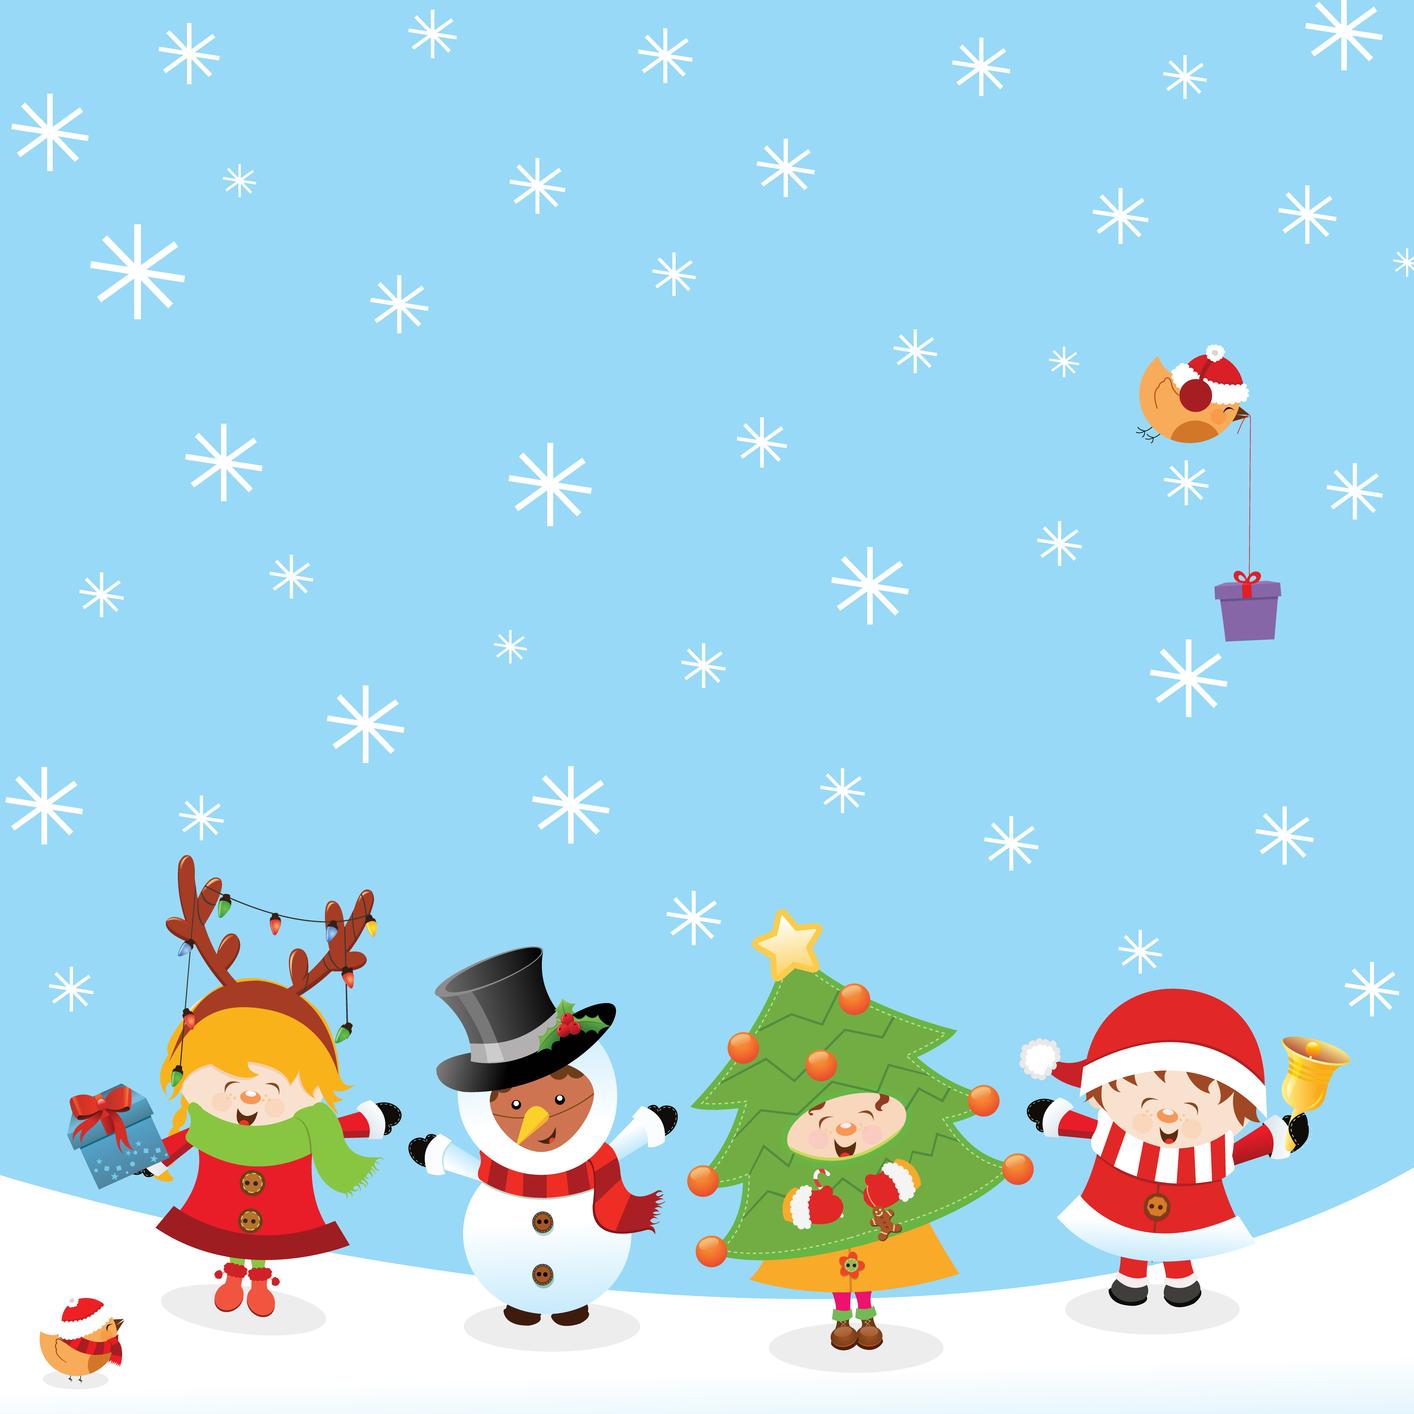 GRATIS: Tarjetas de Navidad para escribir mensajes personalizados